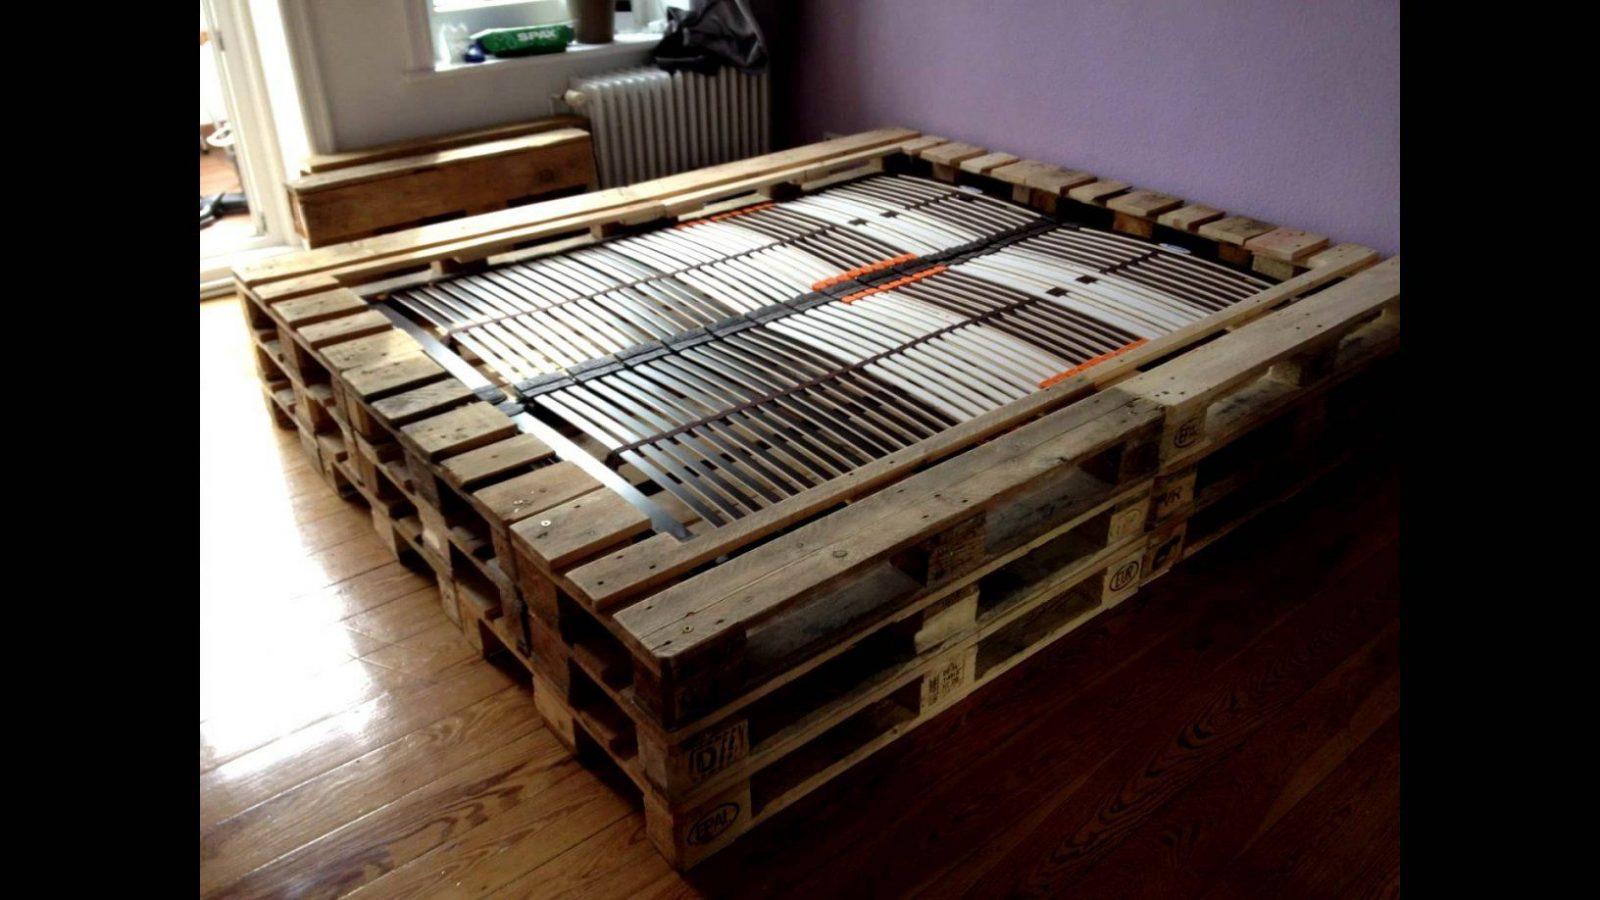 Doppelbett Aus Europaletten  Youtube von Bett Mit Europaletten Bauen Photo